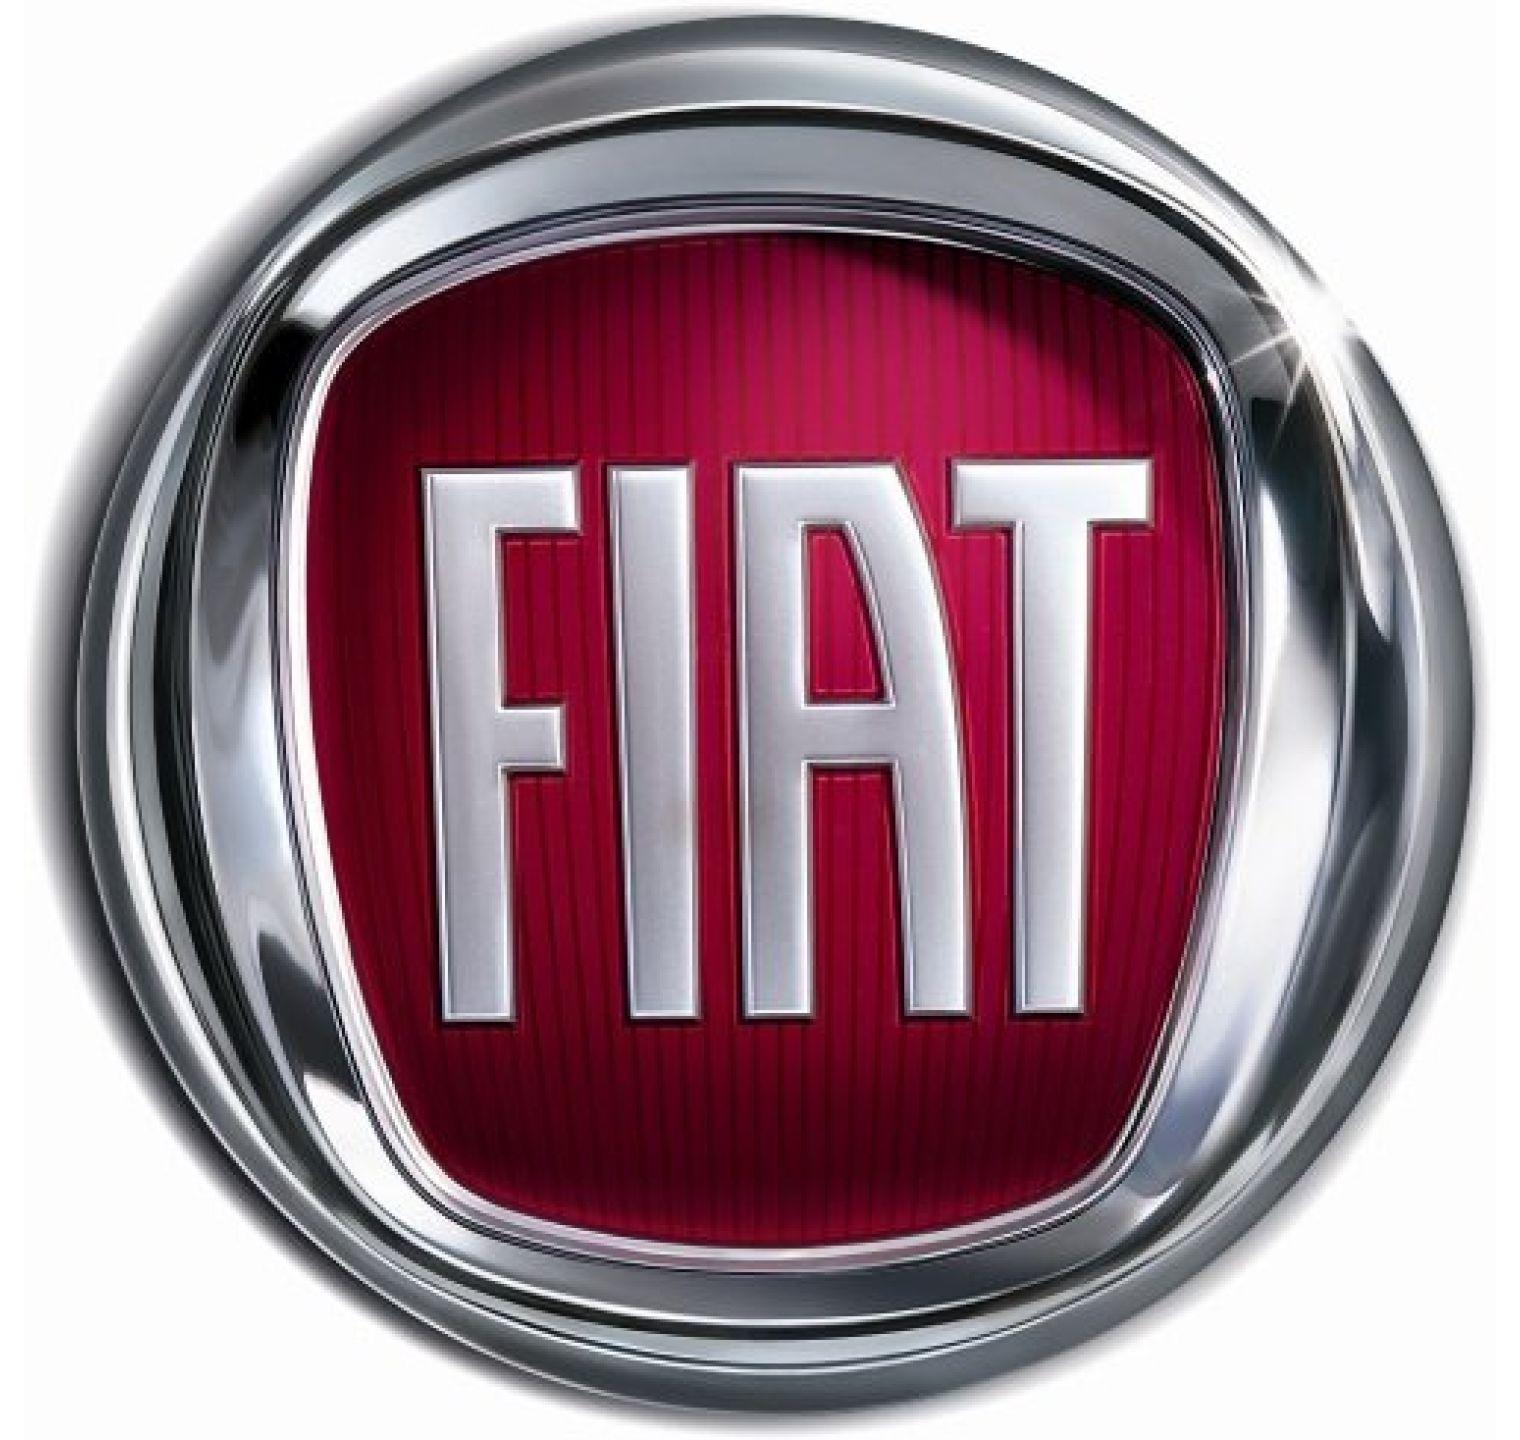 Fiat 500l (vanaf 2012) - achterruitenwisser Valeo Silencio flatblade